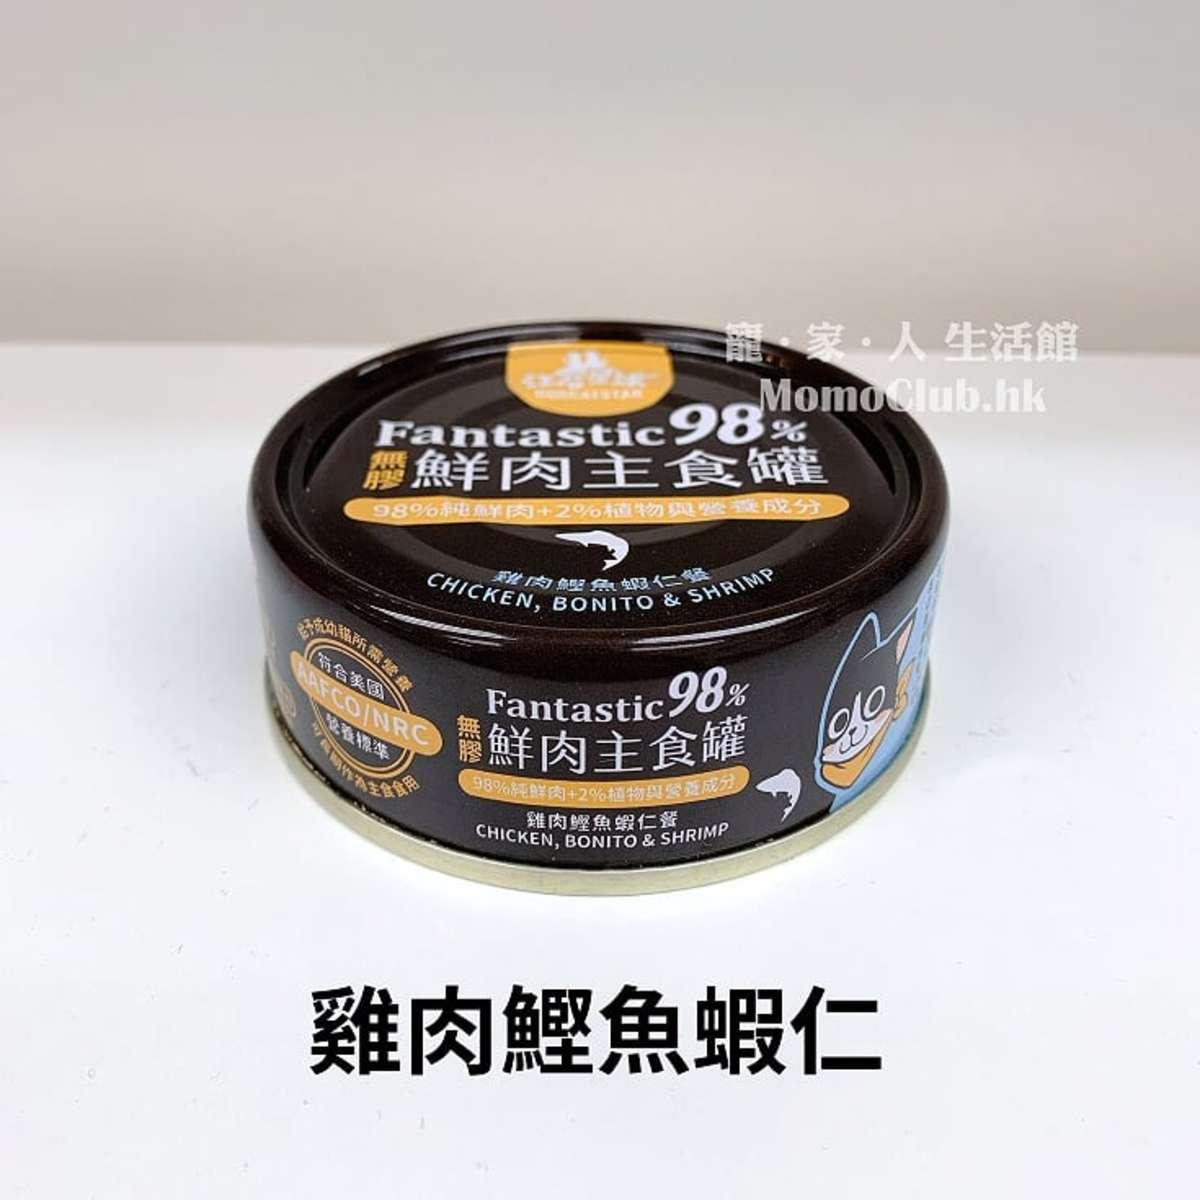 98% Fantastic 鮮肉主食罐 (雞肉, 鰹魚及蝦仁) 3罐, 85g x 3